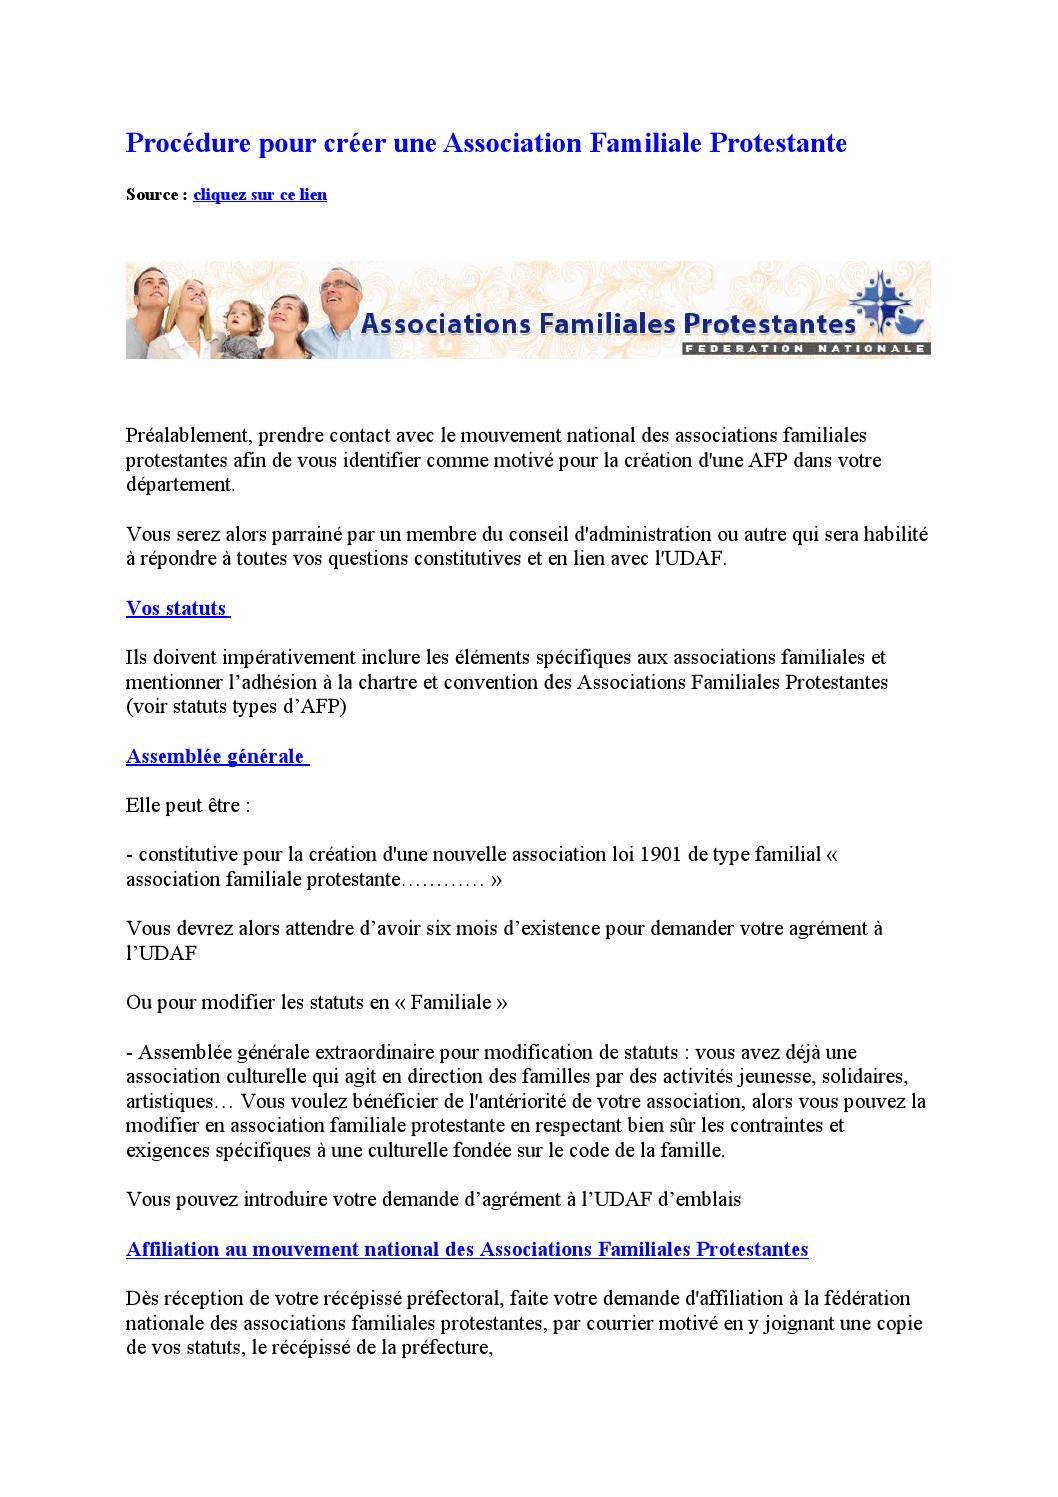 Procedure Pour Creer Une Association Familiale Protestante By